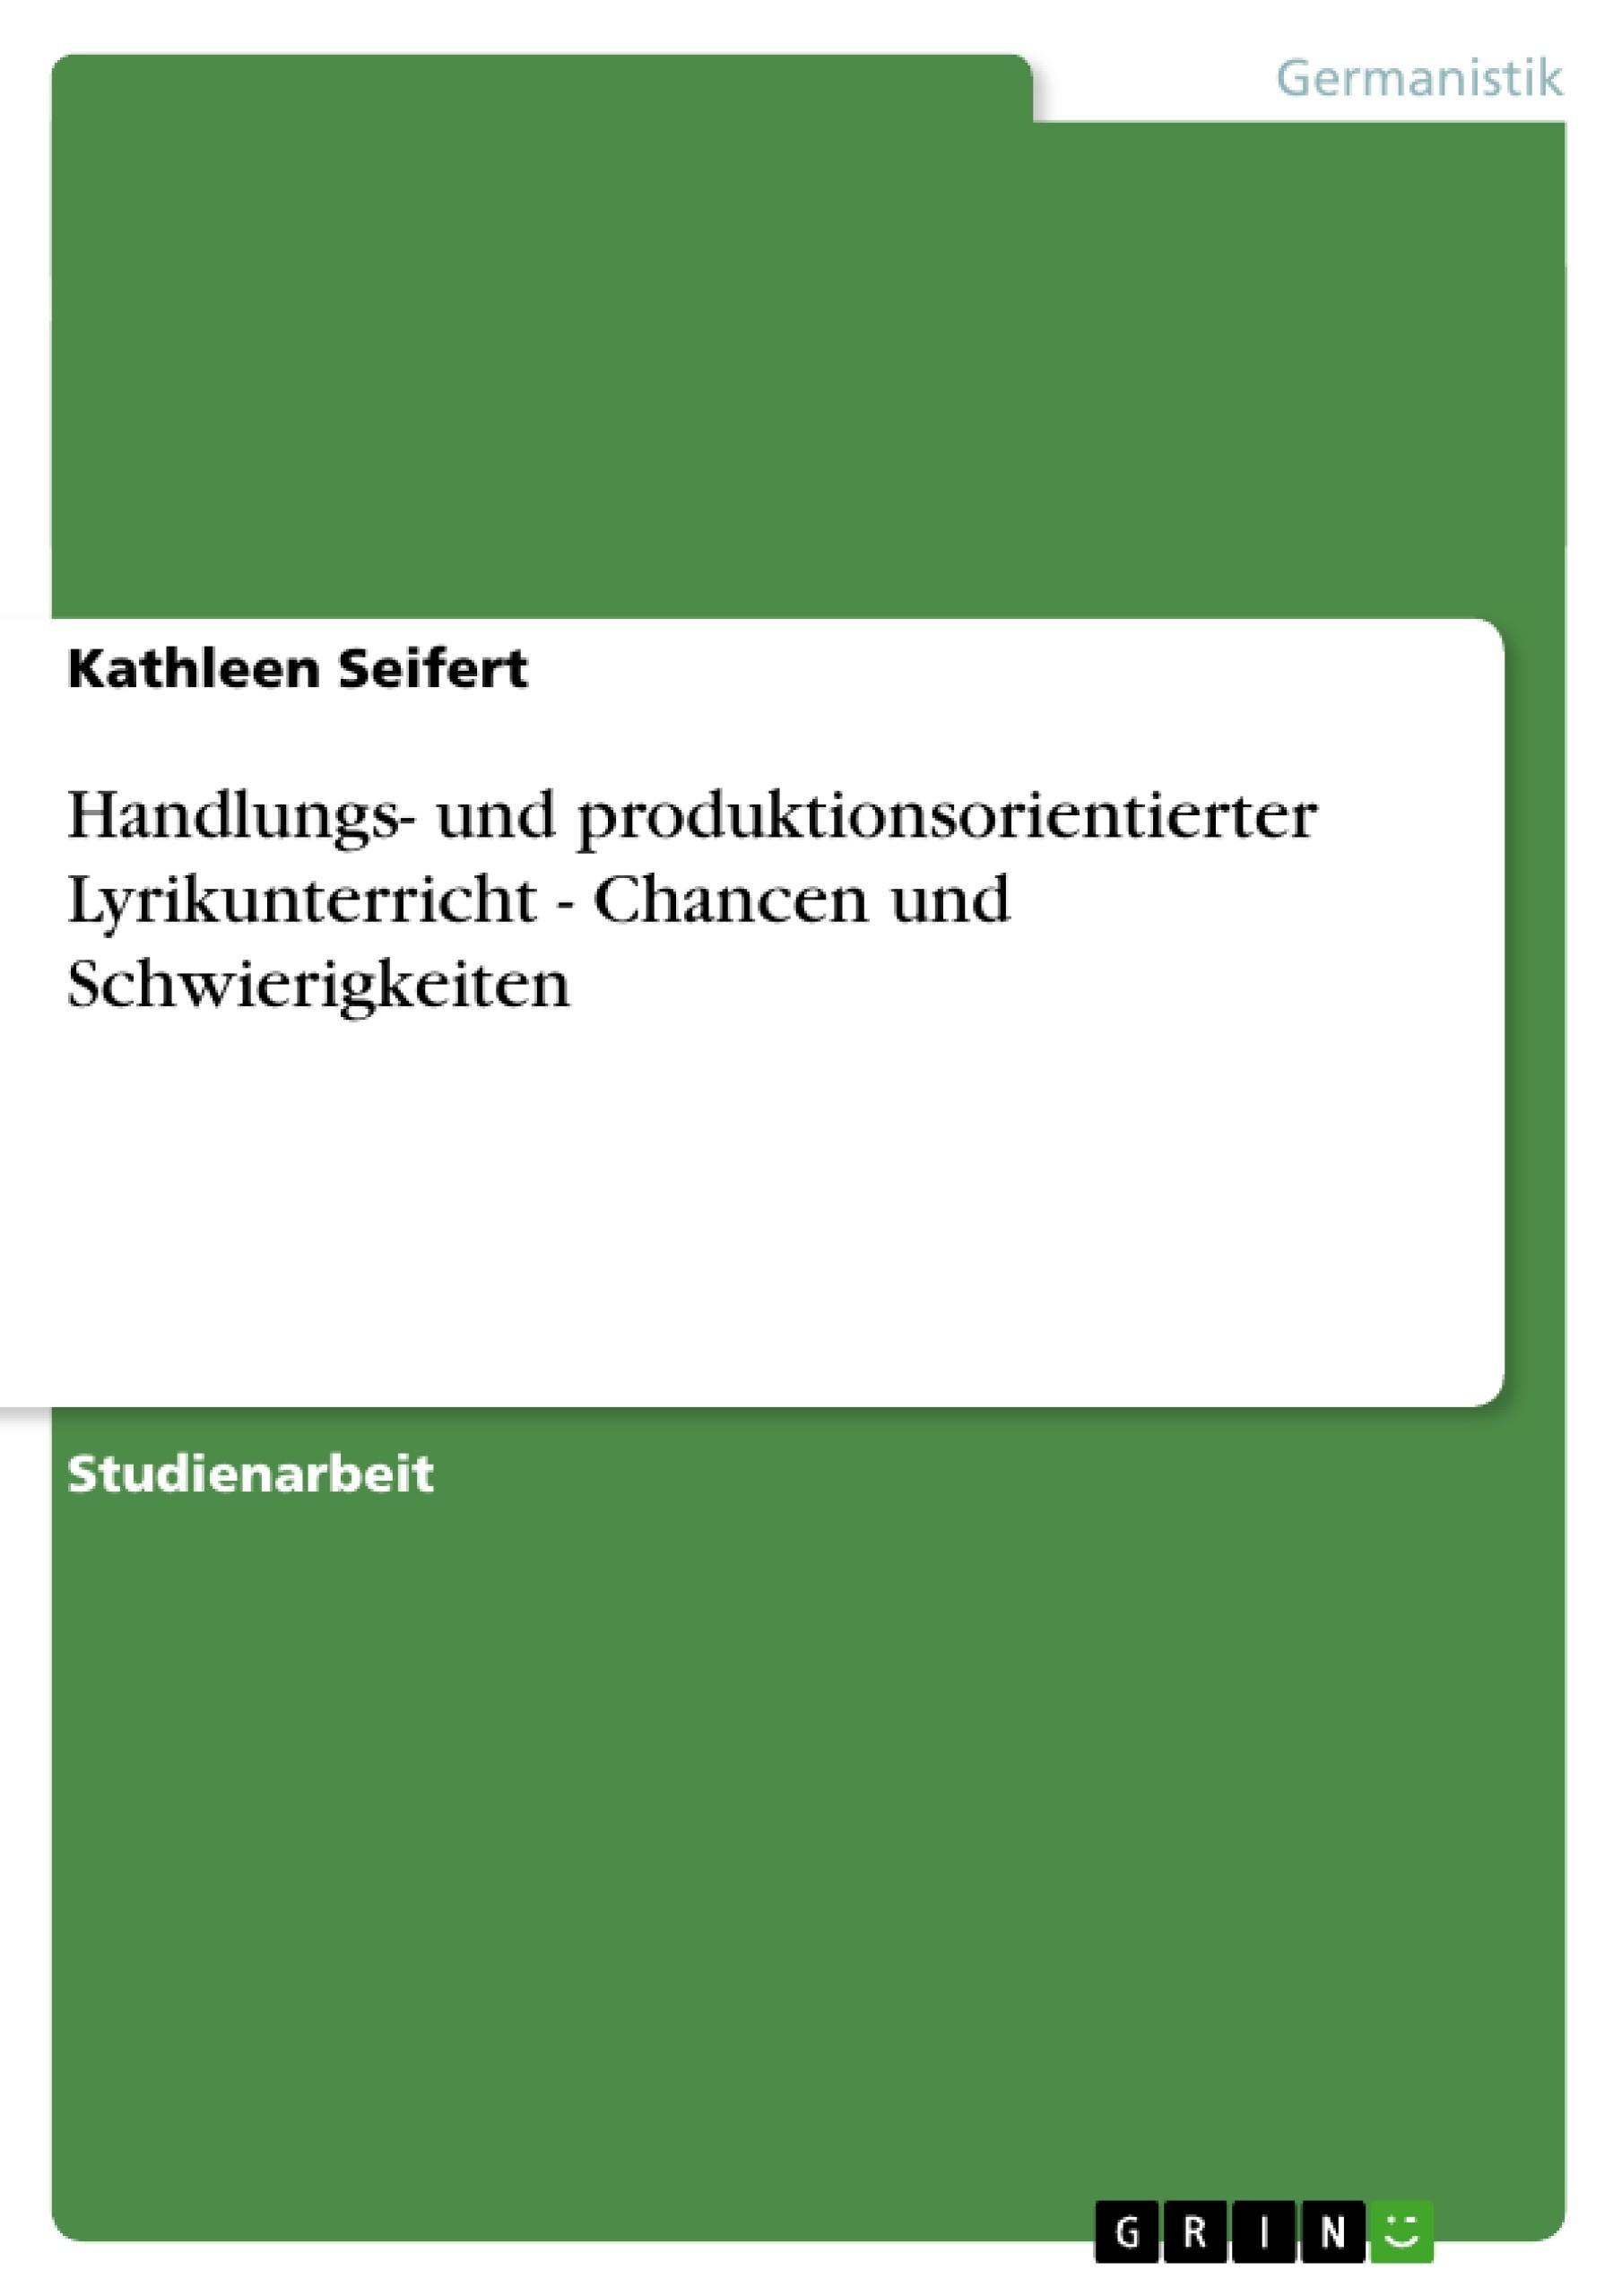 Titel: Handlungs- und produktionsorientierter Lyrikunterricht - Chancen und Schwierigkeiten